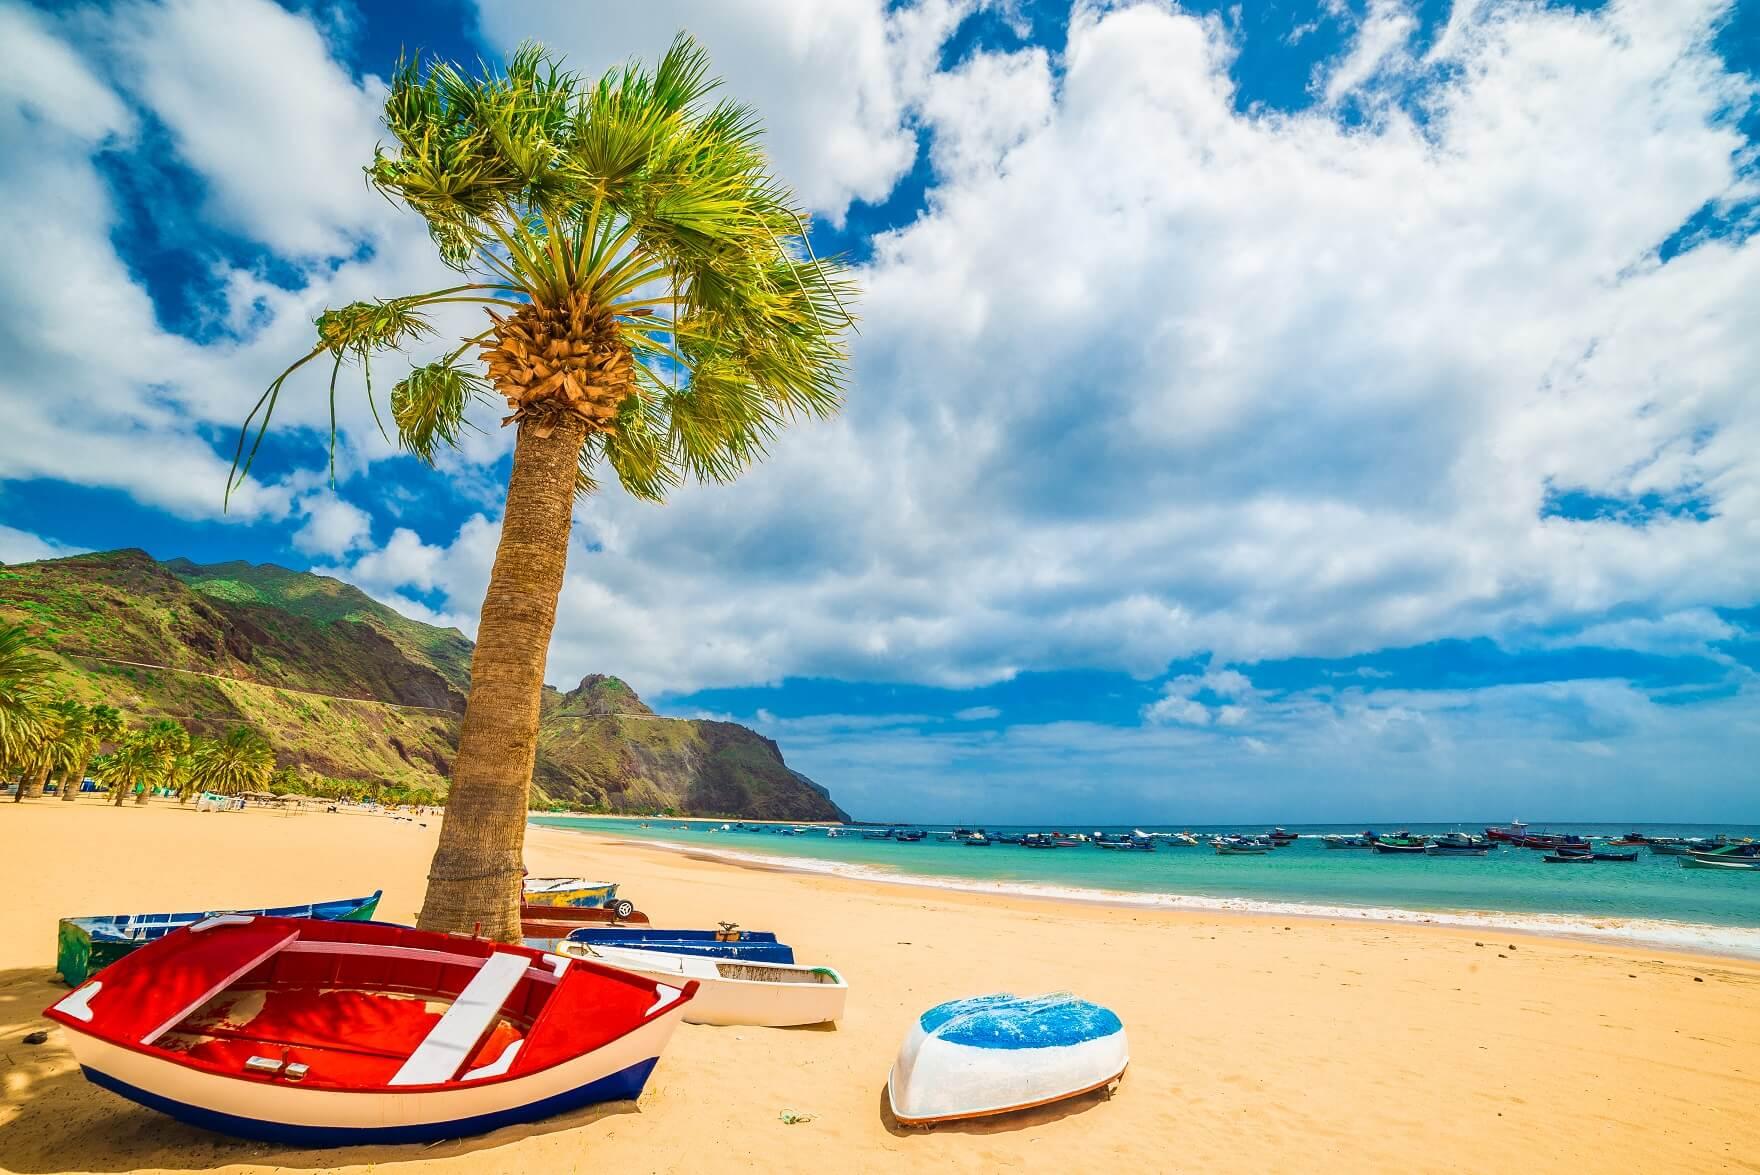 Тур на Канарские острова (Тенерифе)